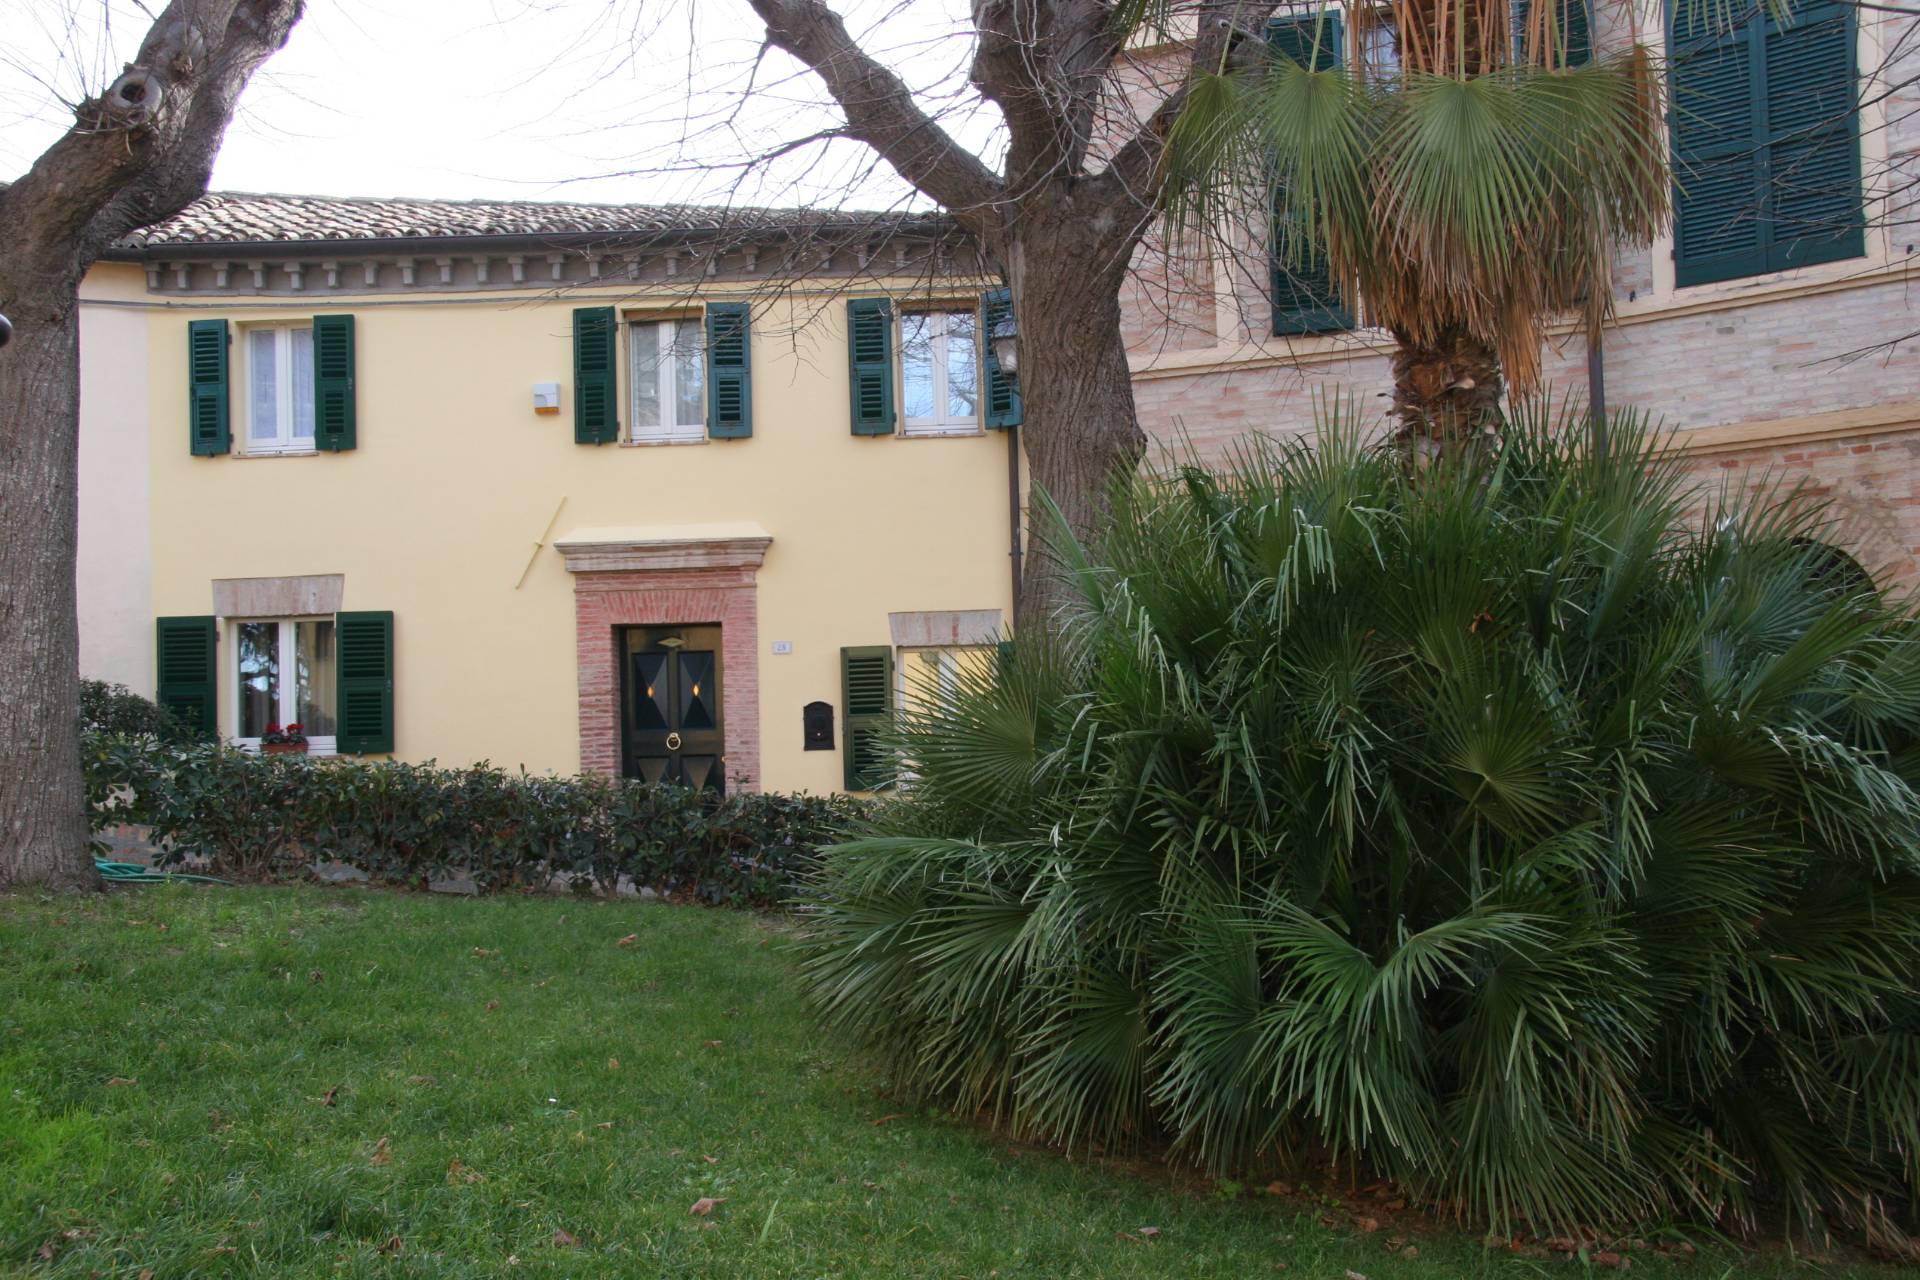 Soluzione Semindipendente in vendita a Polverigi, 8 locali, zona Località: Centro, prezzo € 240.000 | Cambio Casa.it